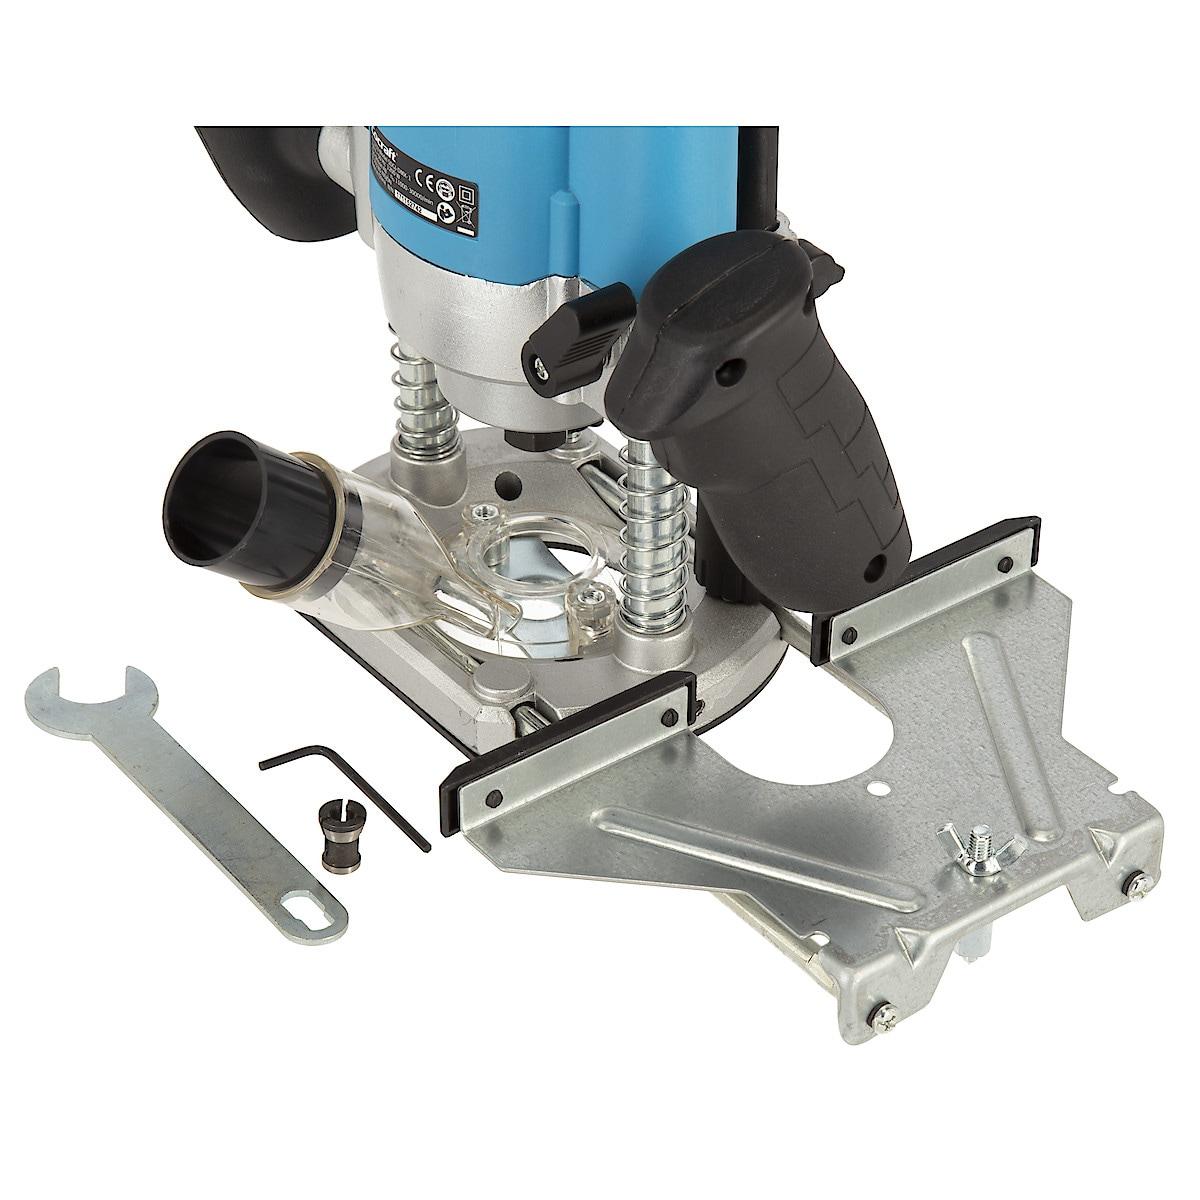 Cocraft HR1200 overfres